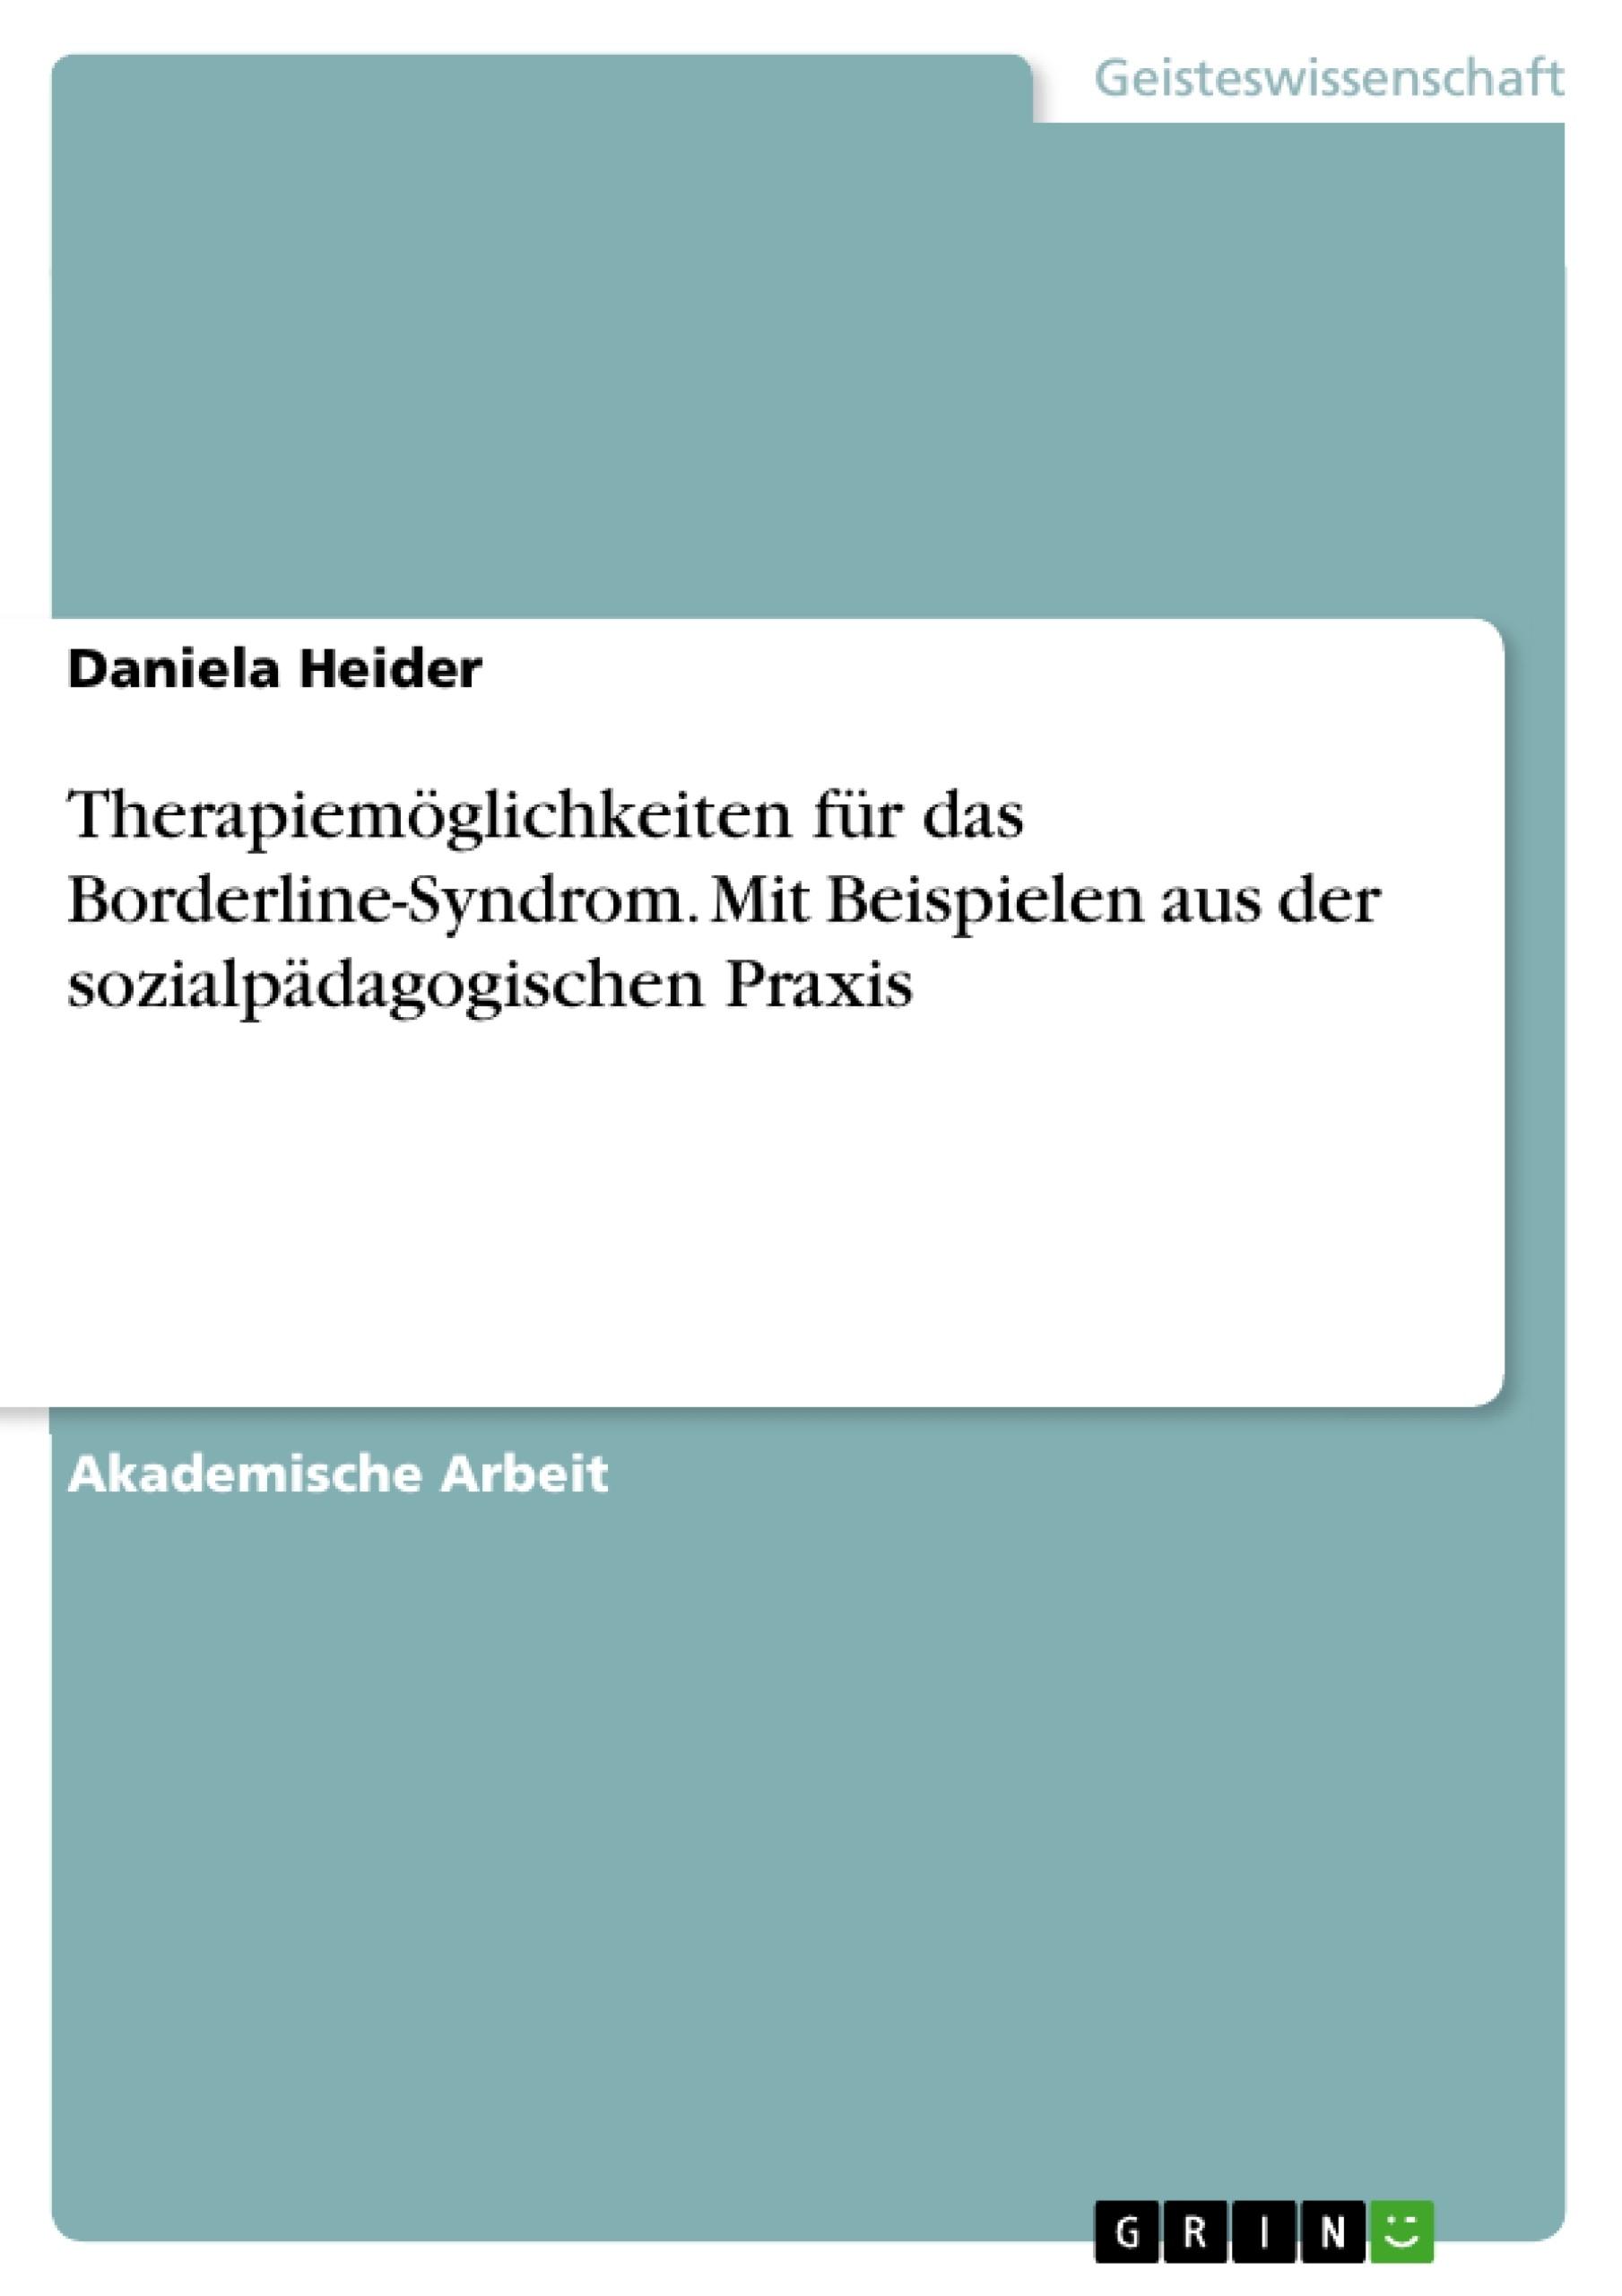 Titel: Therapiemöglichkeiten für das Borderline-Syndrom. Mit Beispielen aus der sozialpädagogischen Praxis